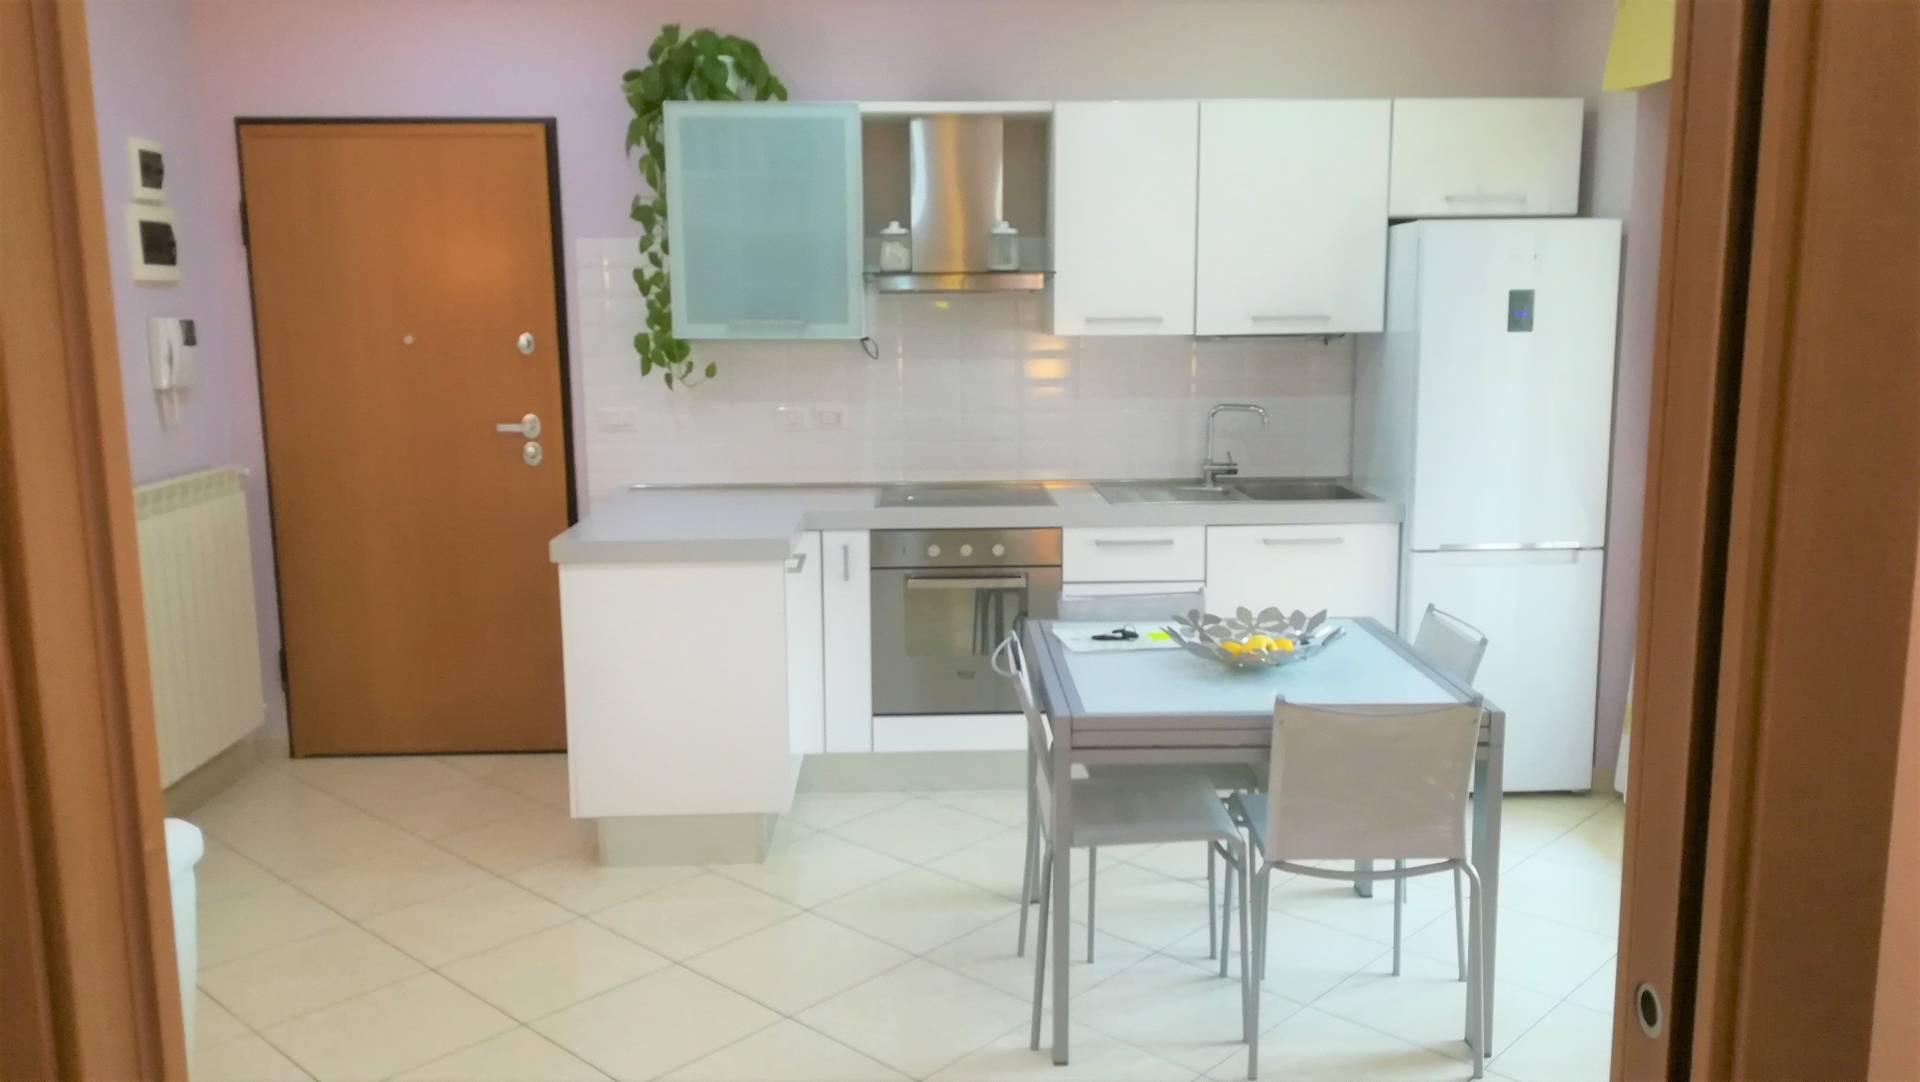 Appartamento in vendita a Chieti, 4 locali, zona Località: Scalo-Università, prezzo € 135.000 | PortaleAgenzieImmobiliari.it